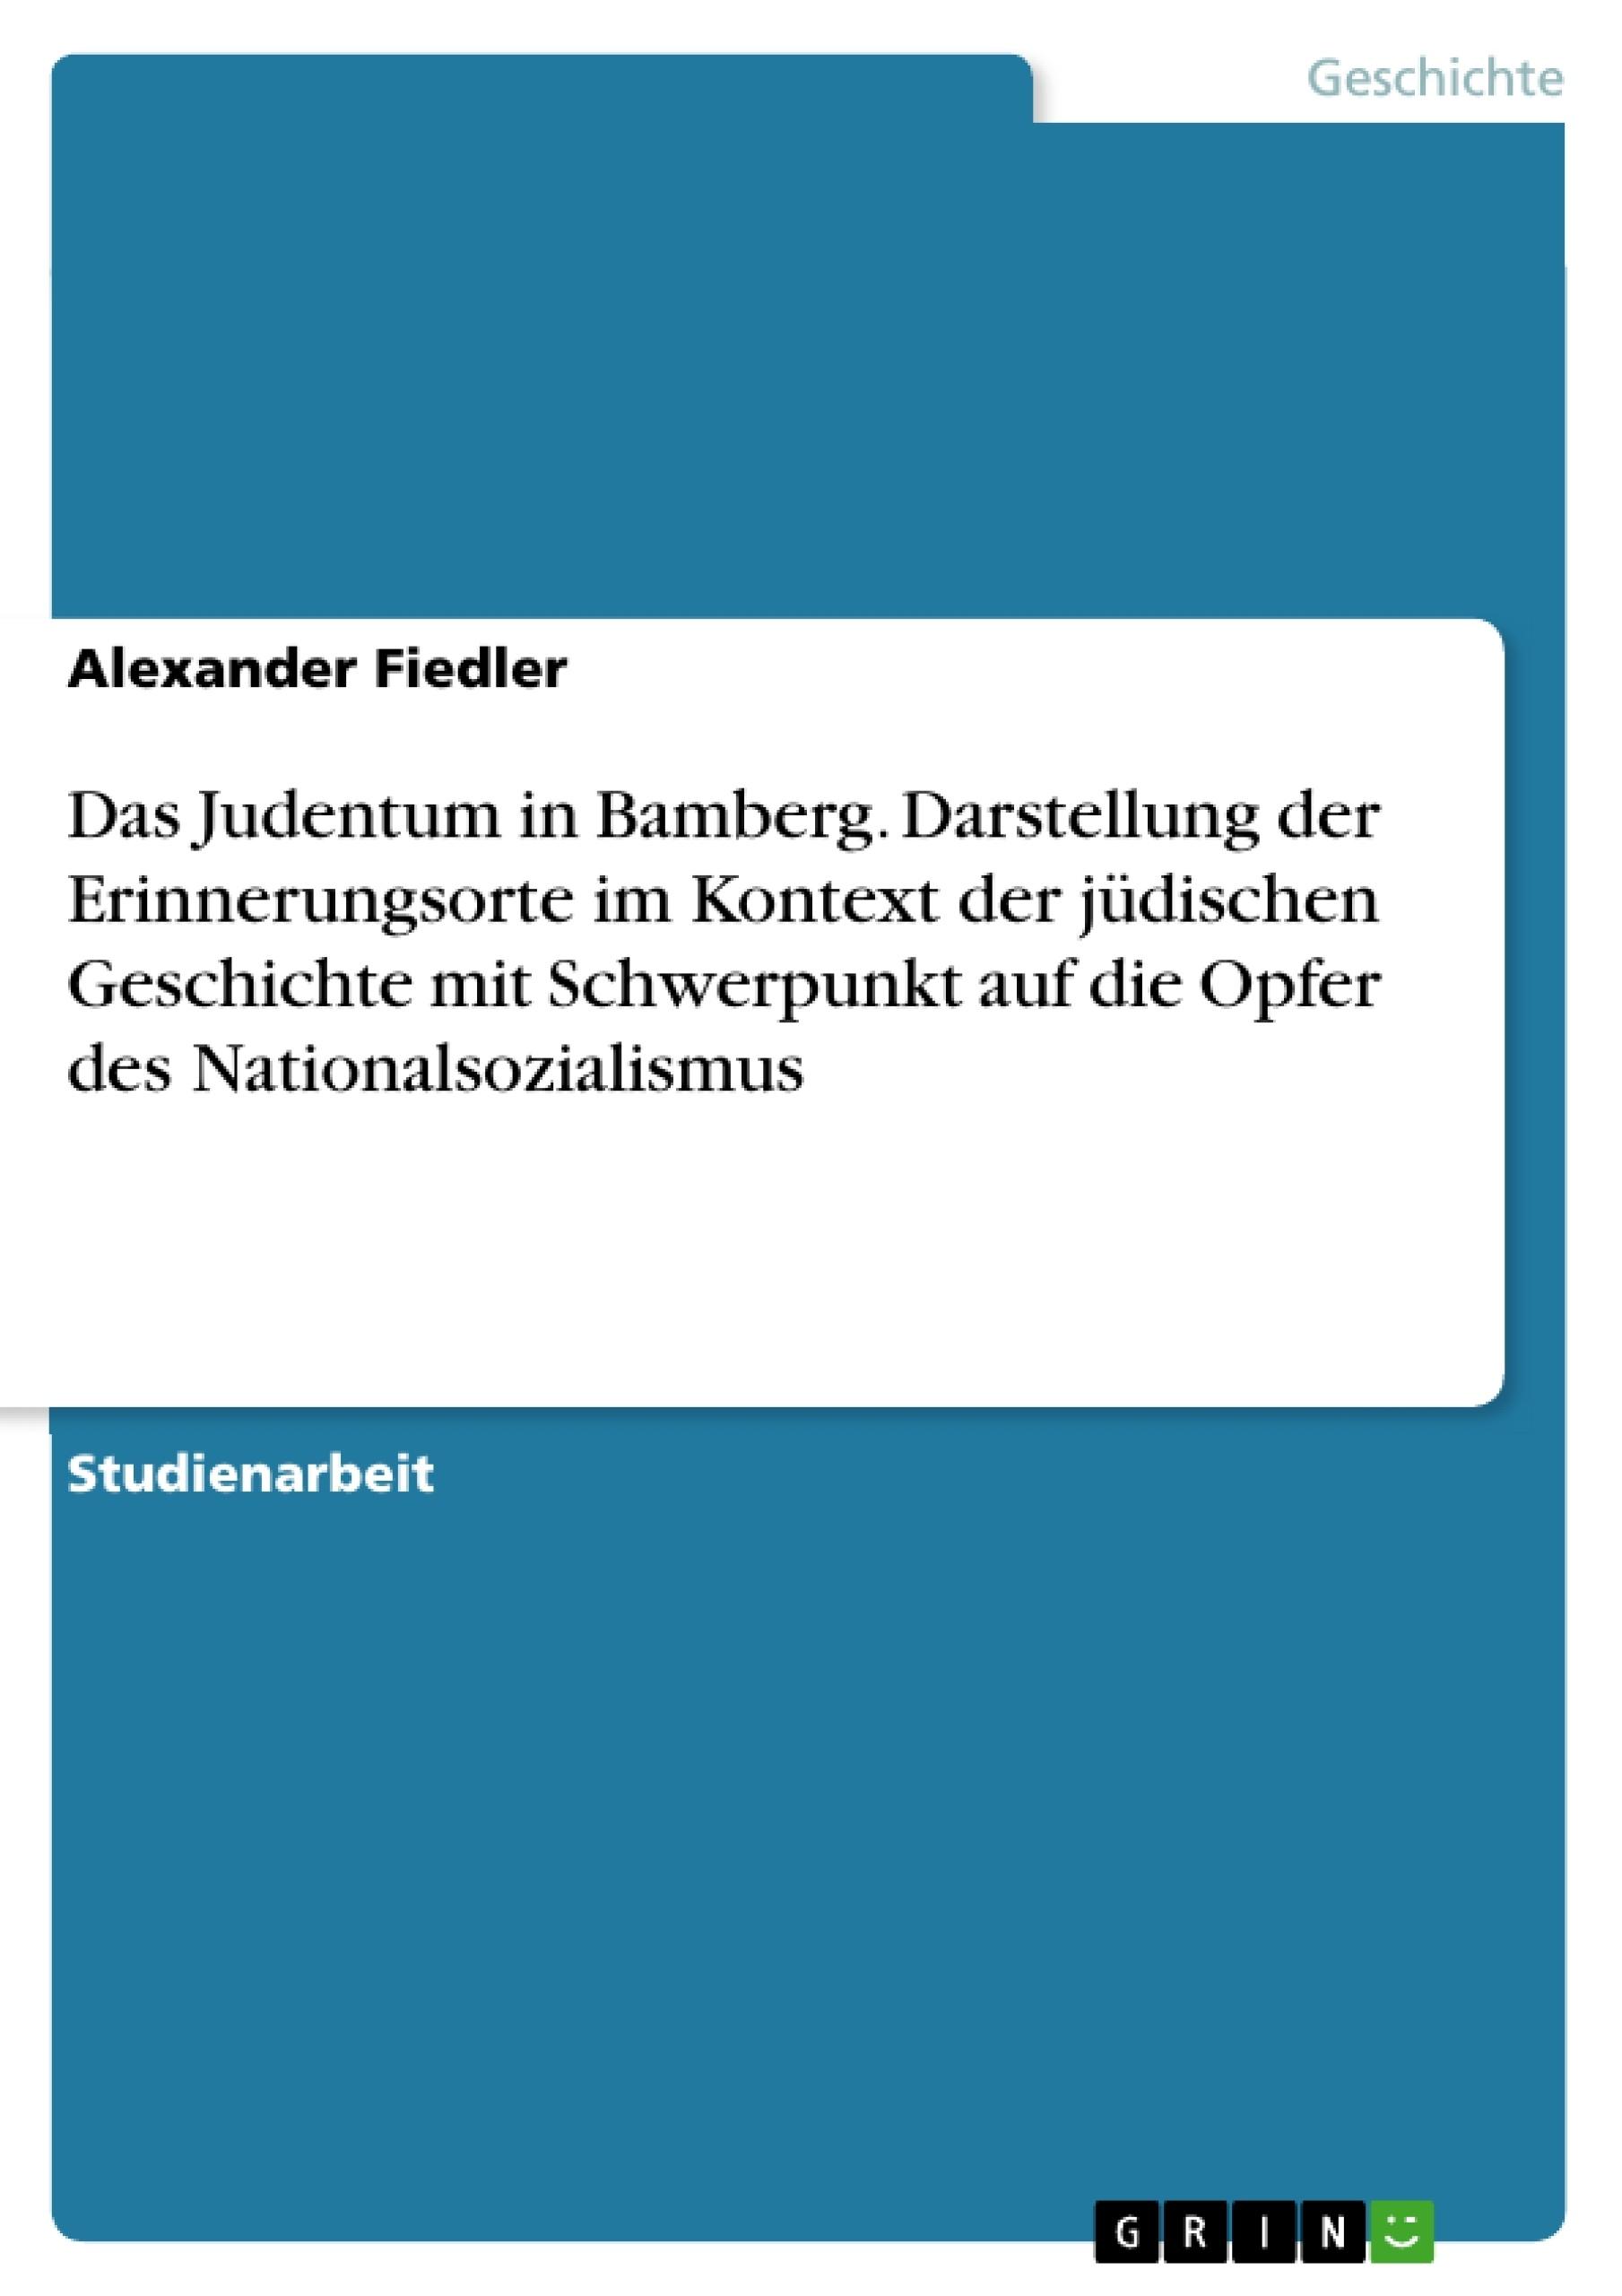 Titel: Das Judentum in Bamberg. Darstellung der Erinnerungsorte im Kontext der jüdischen Geschichte mit Schwerpunkt auf die Opfer des Nationalsozialismus